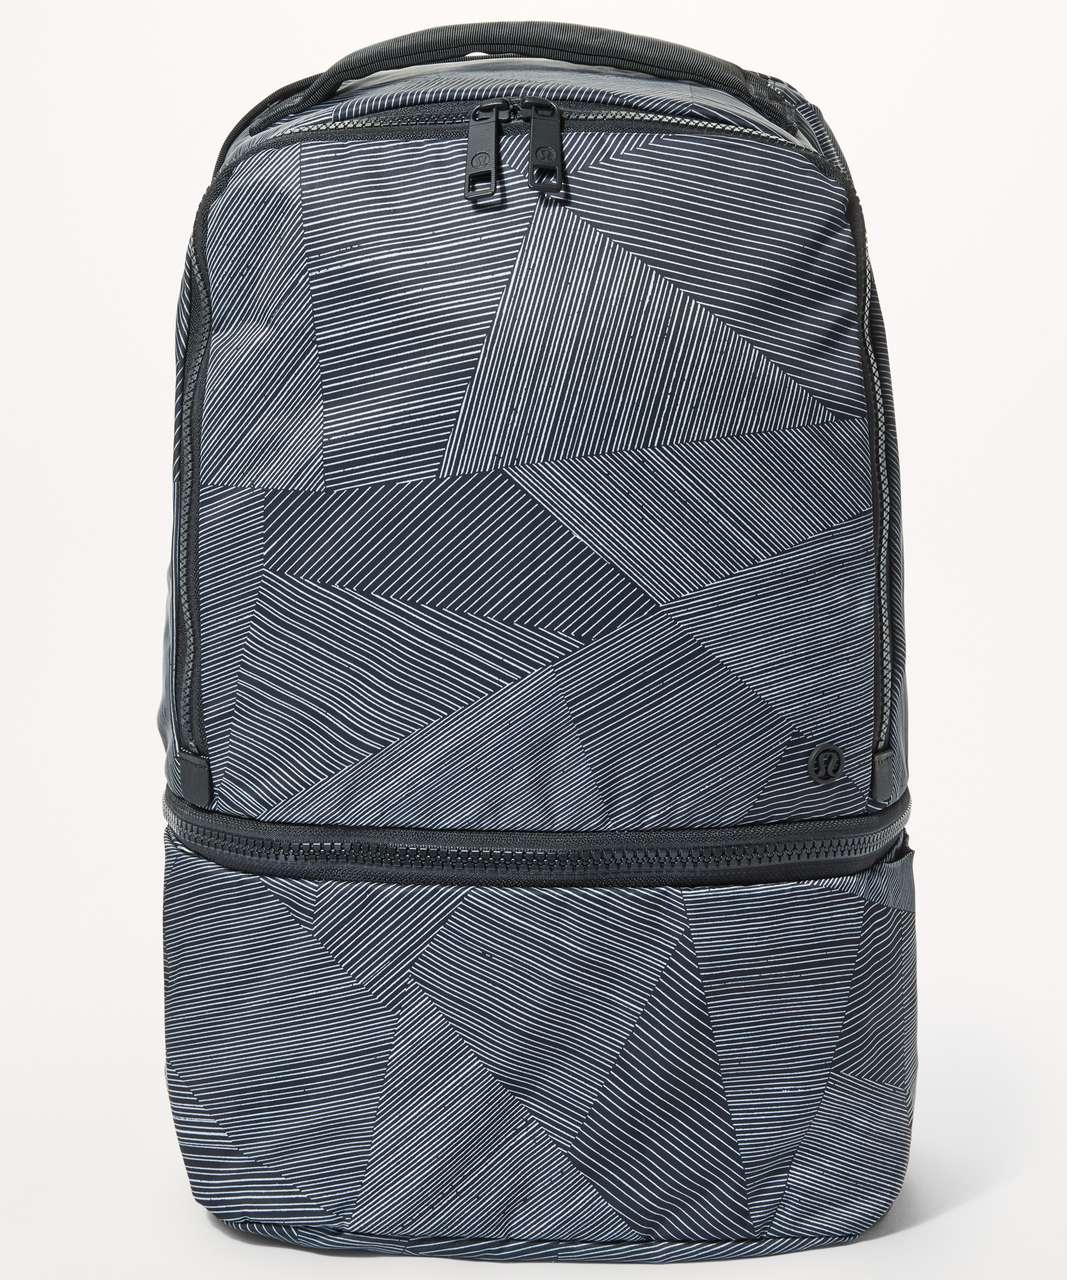 Lululemon Go Lightly Backpack Large 24l Etch Maxi Ice